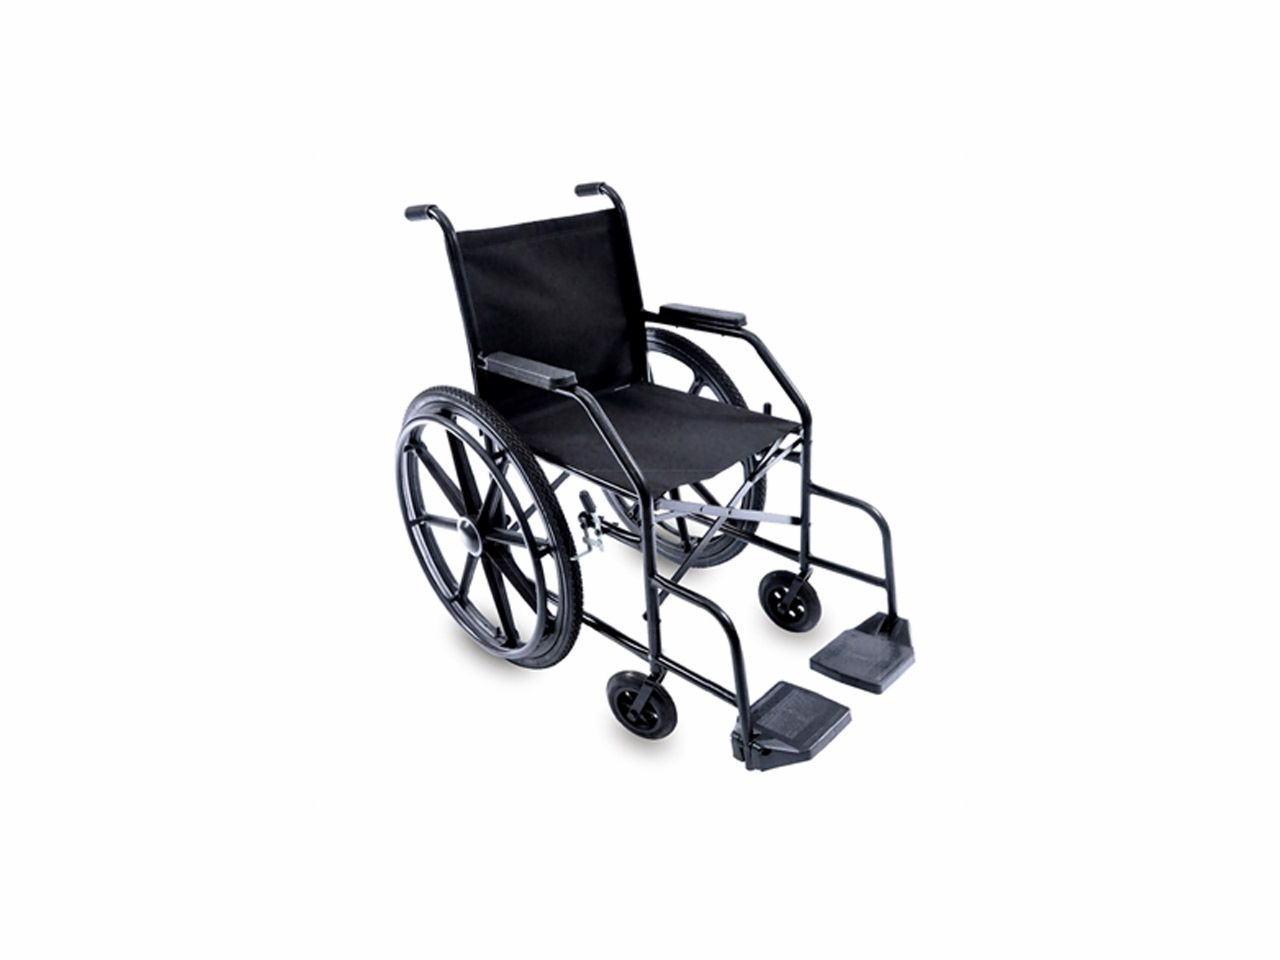 a6f76b261 Cadeira de Rodas Simples Modelo PL 001 - Prolife